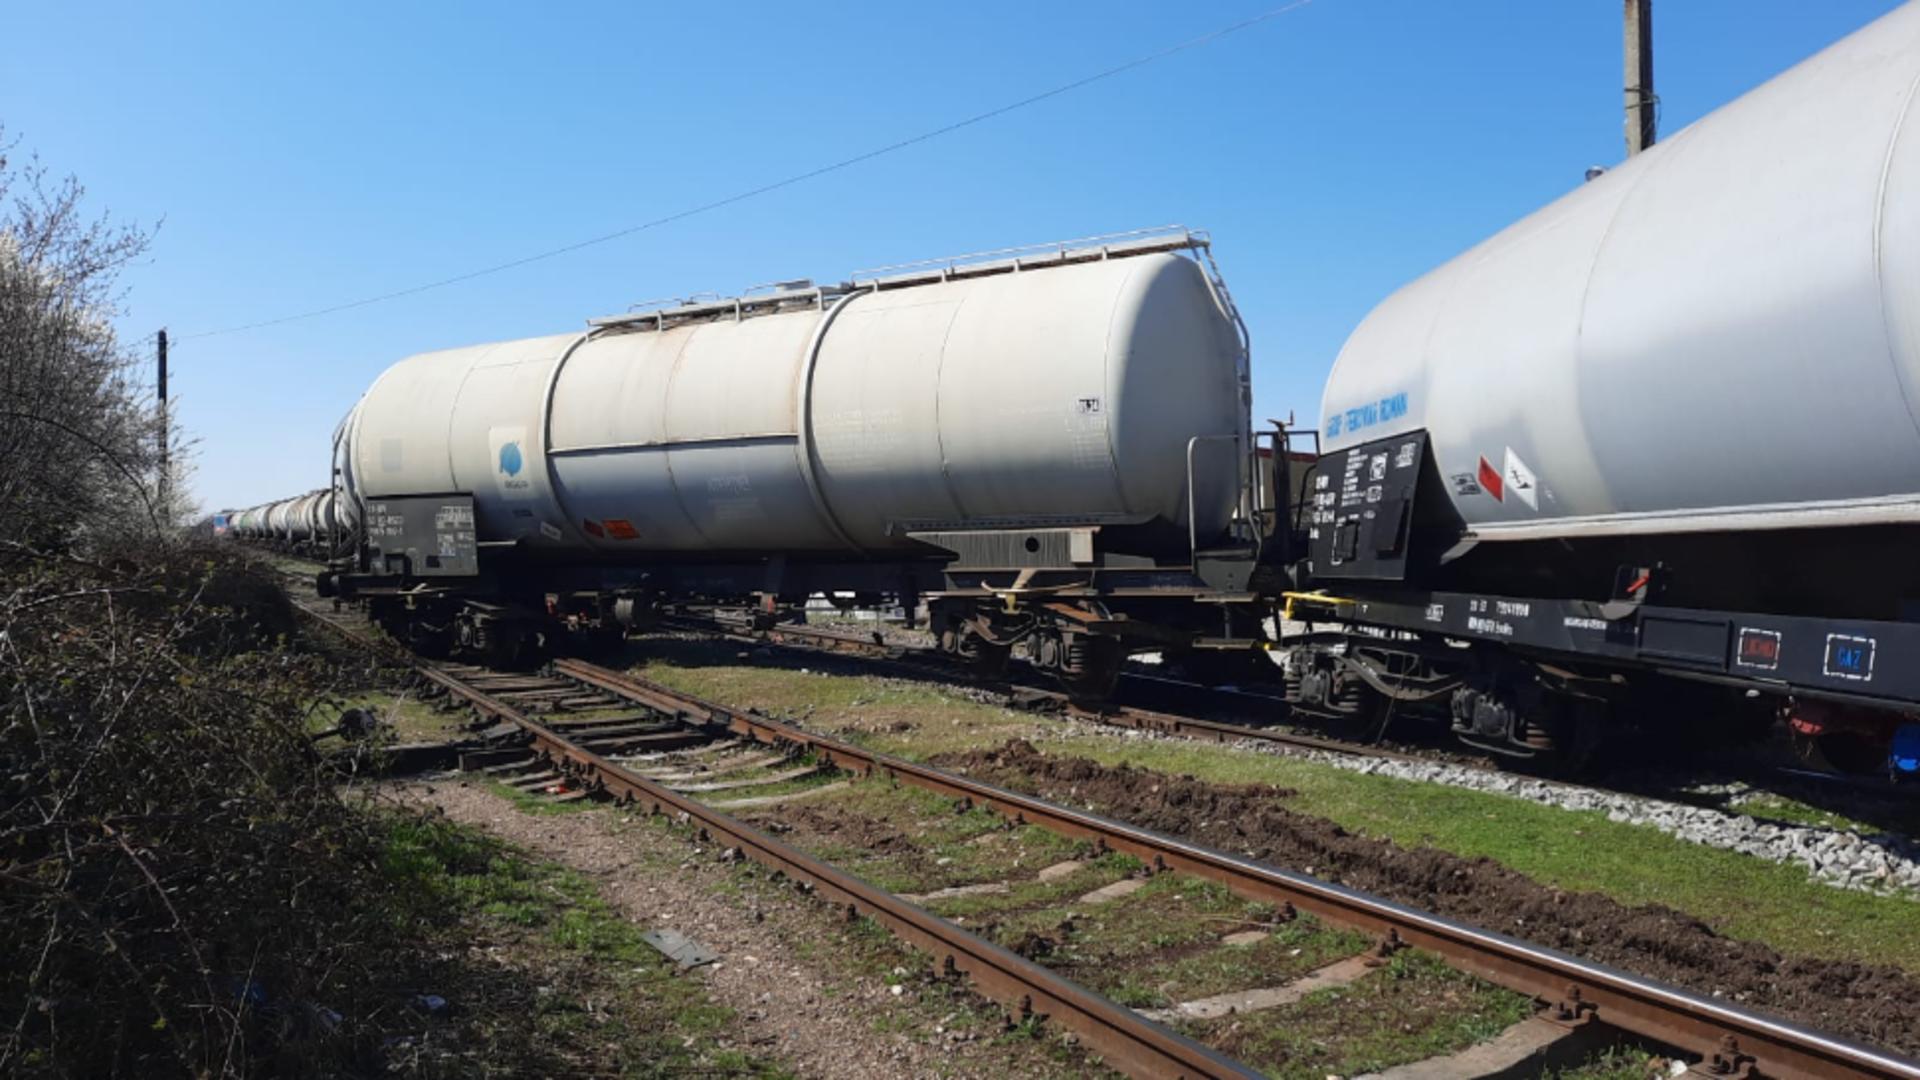 Tren deraiat in județul Constanța